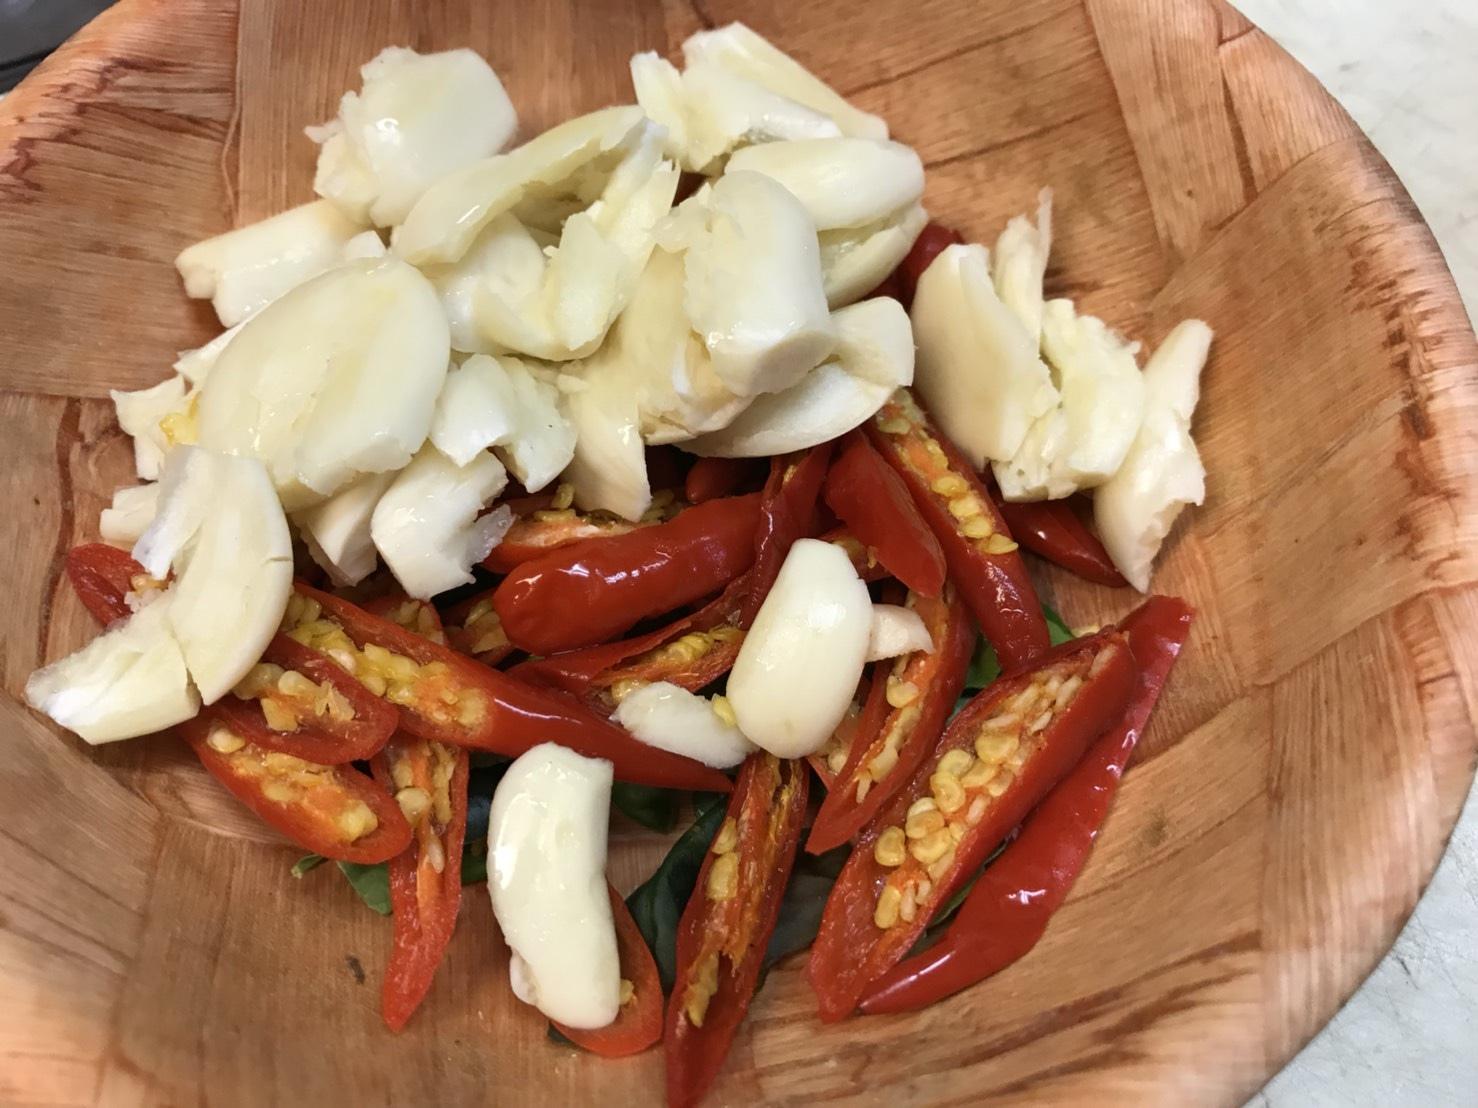 เนื้อปูและหอยเชลล์ผัดพริกขี้หนู(ไม่มีสวน)